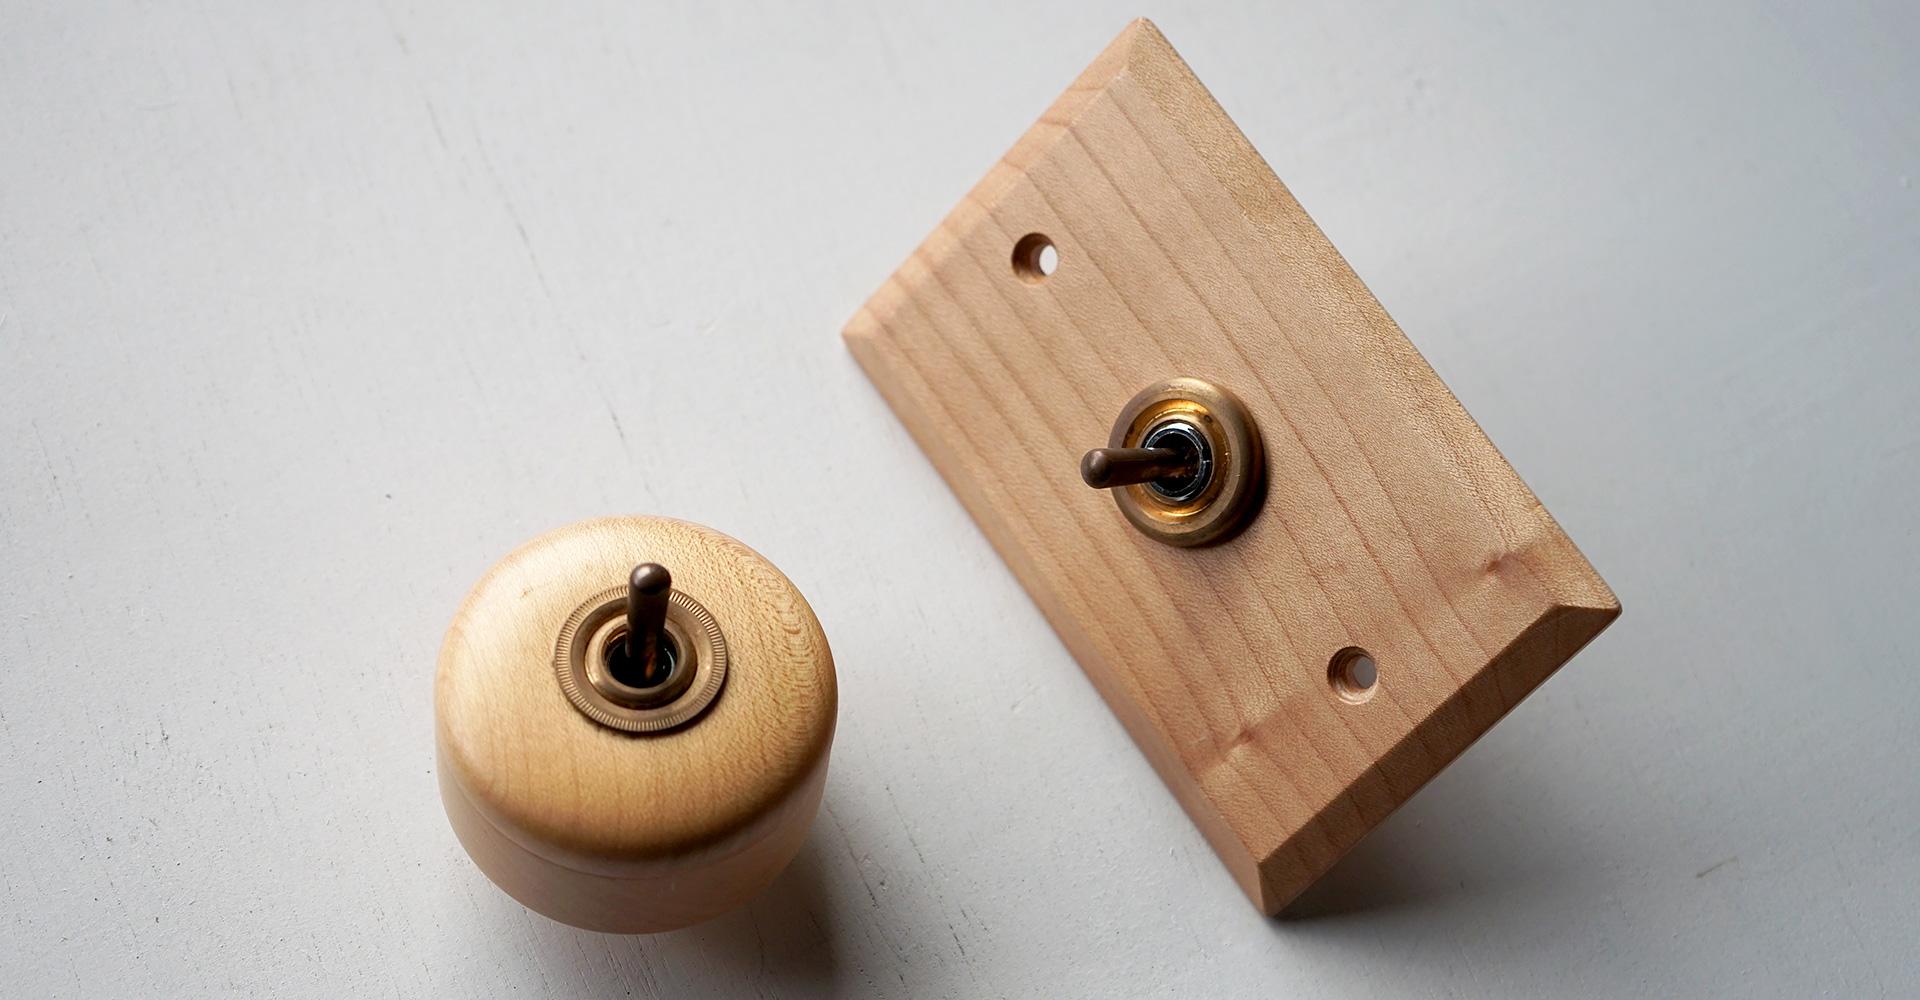 木製のウッドトグルスイッチ